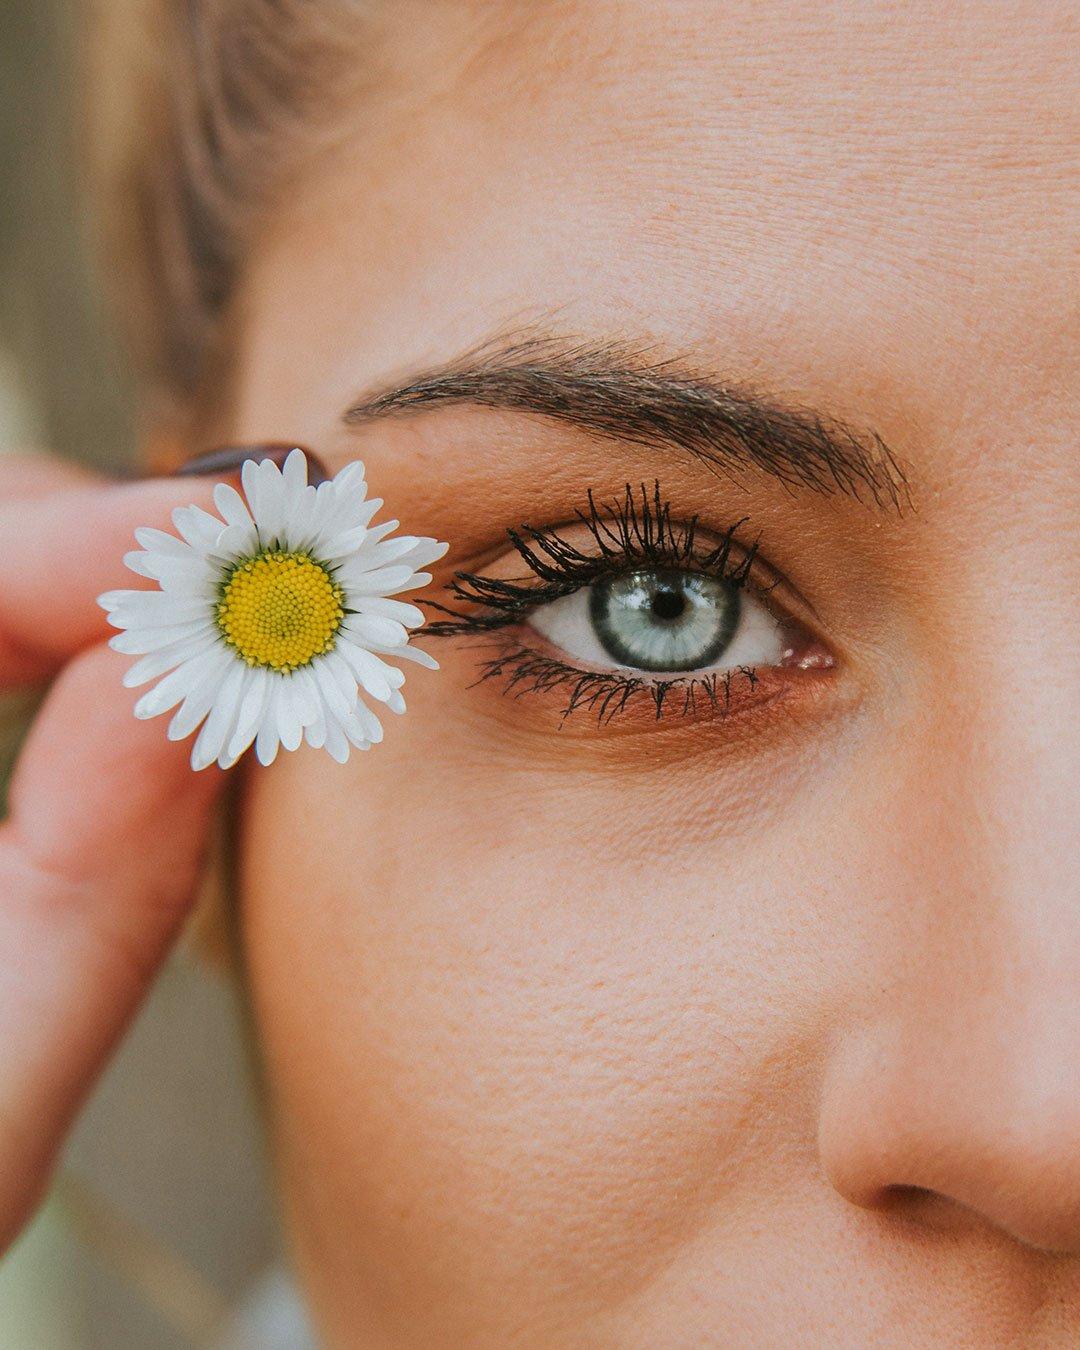 Comment éviter les yeux gonflés?